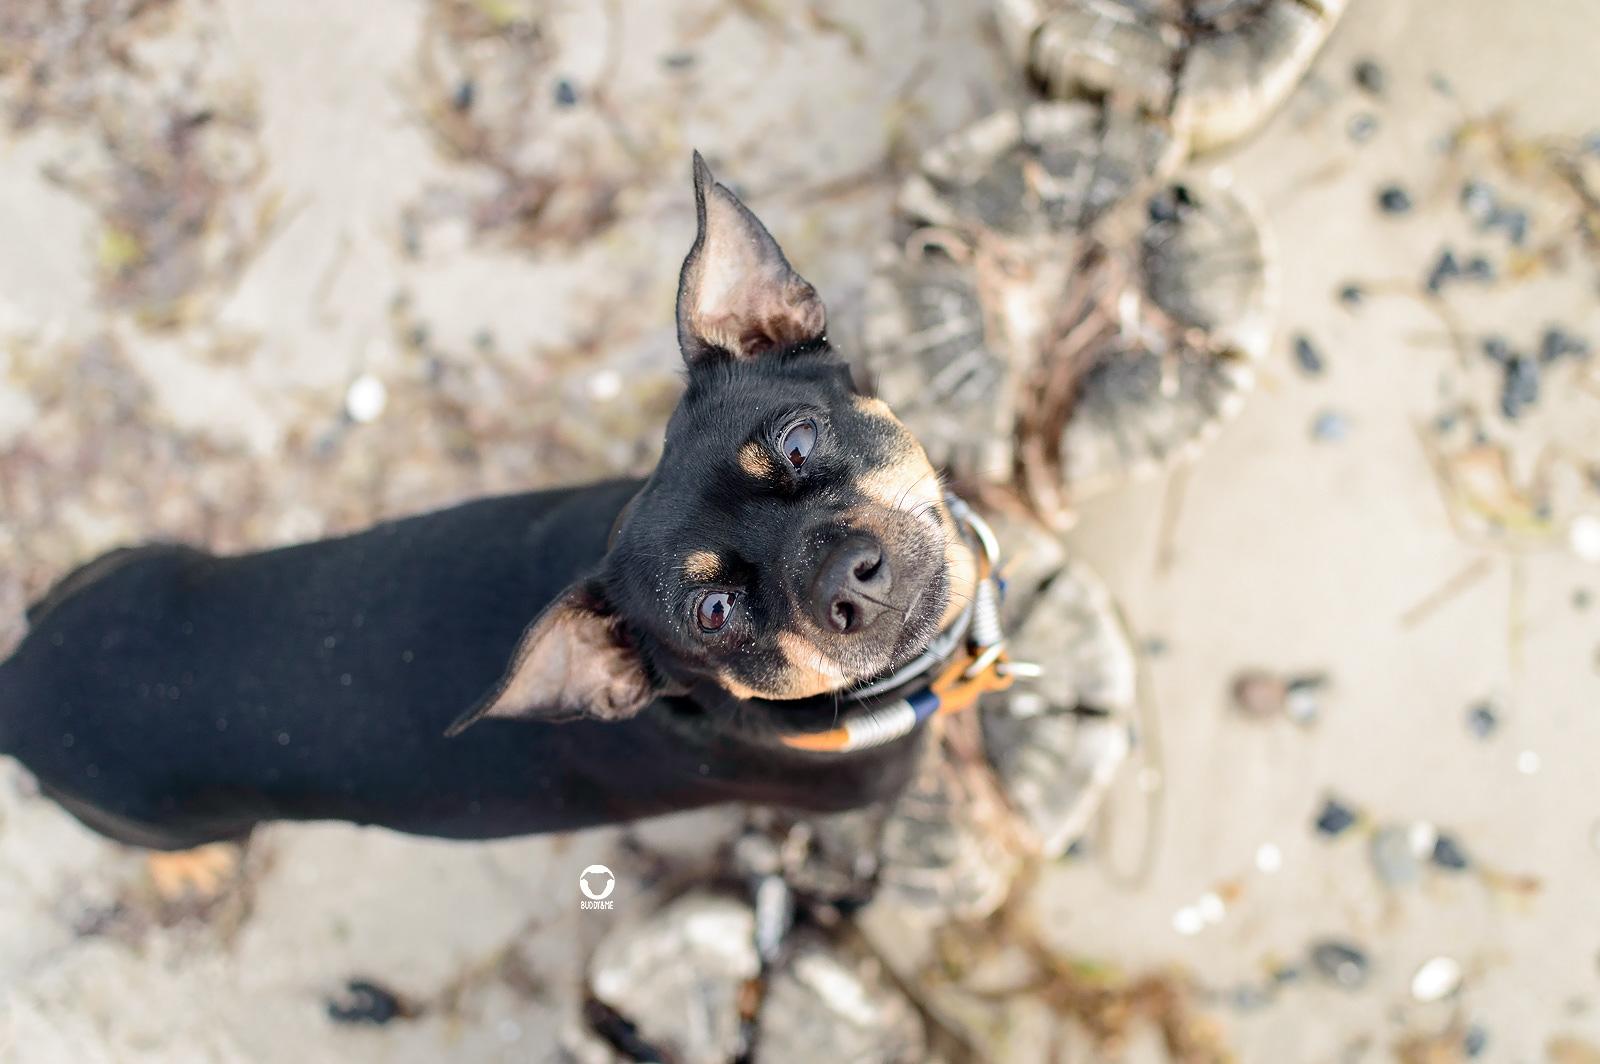 Pinscher Buddy am Strand - Urlaub in Zingst, Buddy steht auf den Buhnen und schaut mit stehenden Ohren nach oben in die Kamera